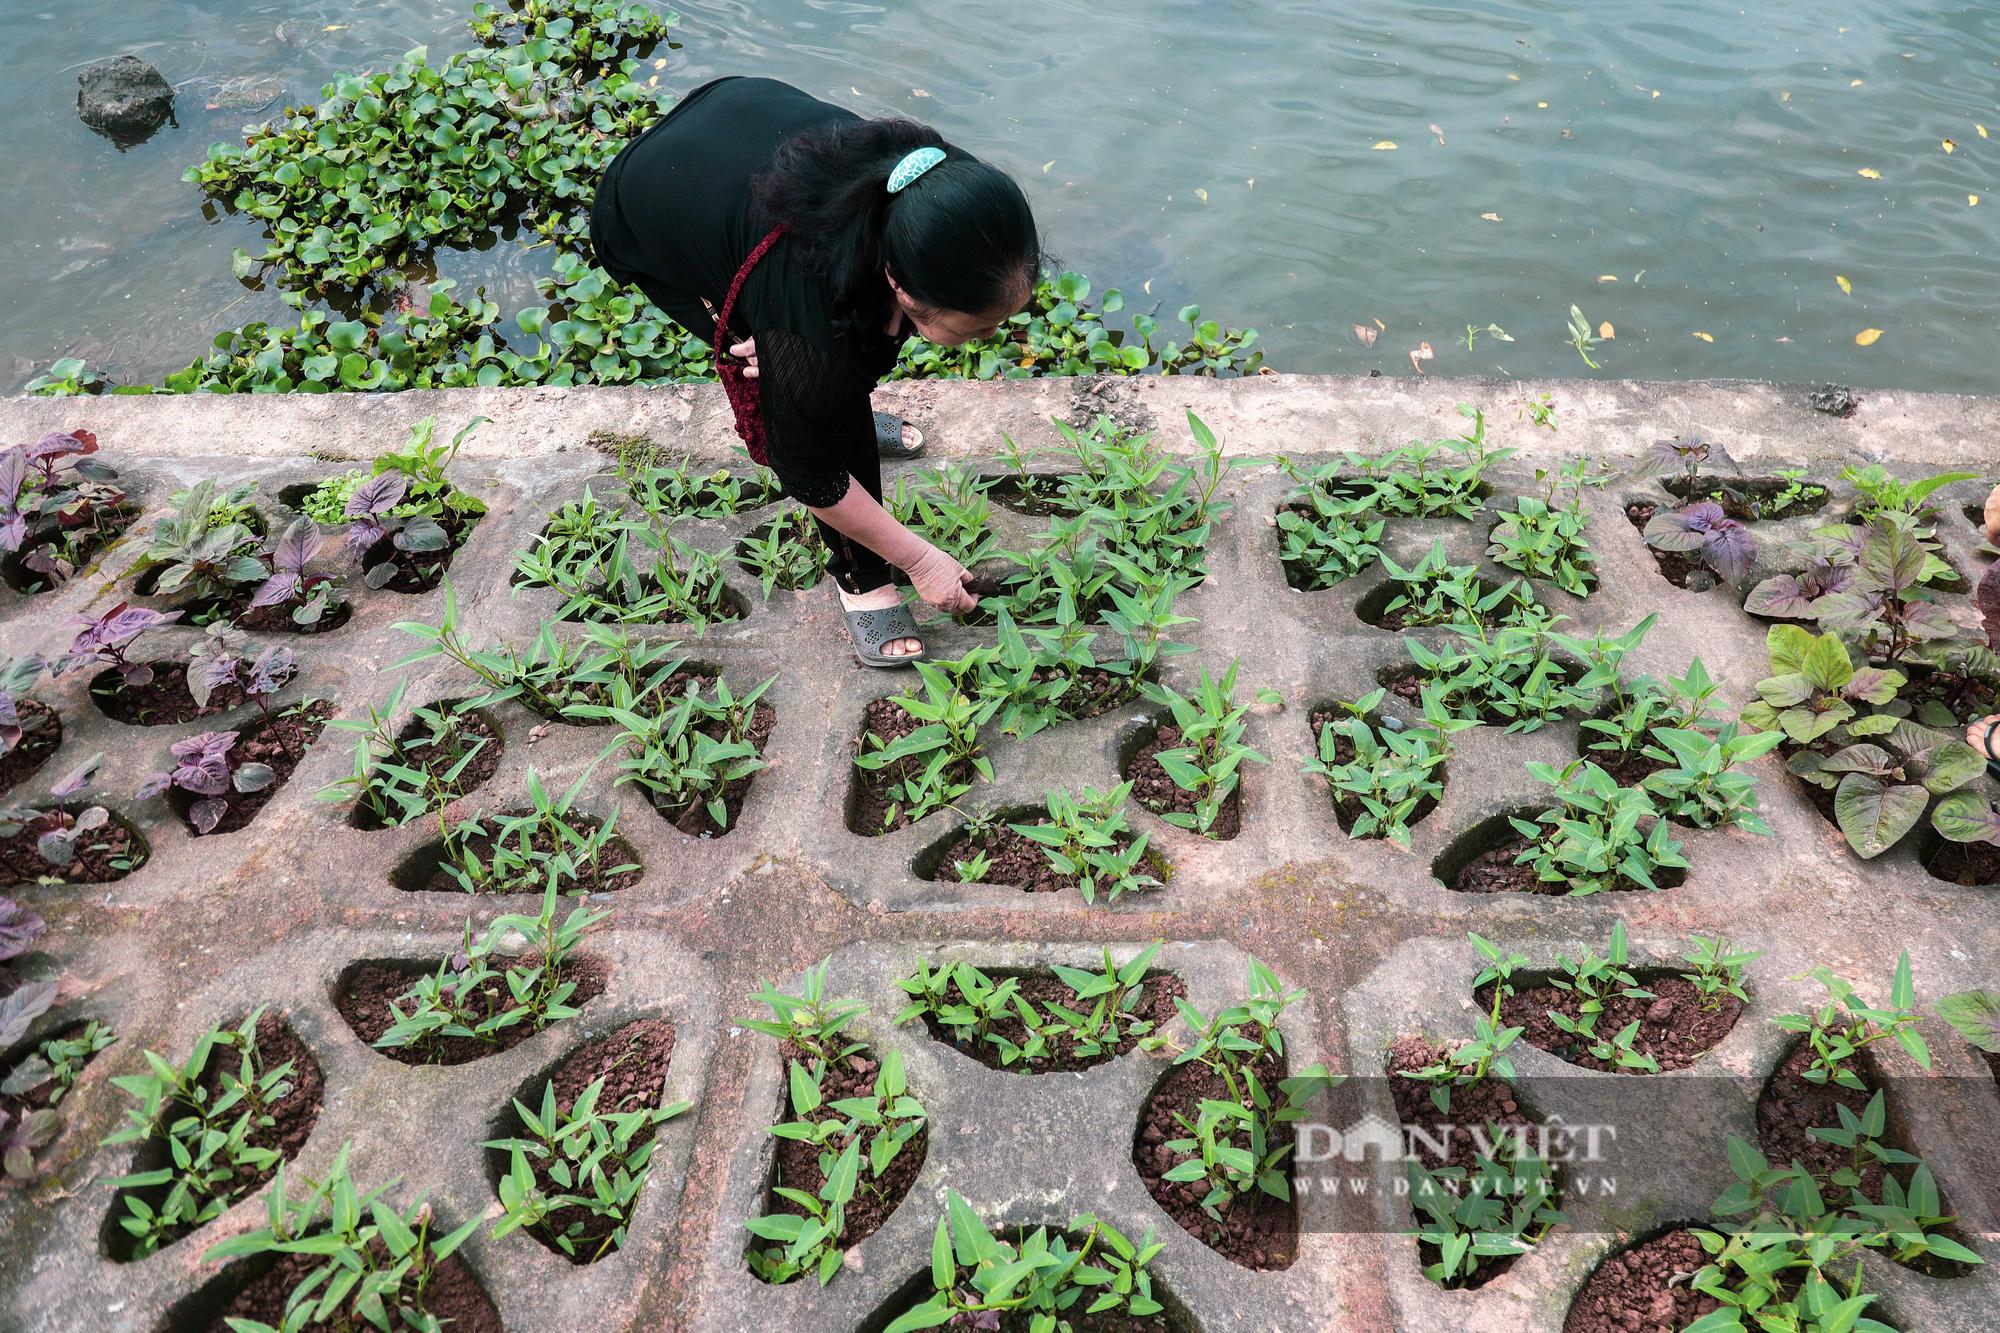 Độc đáo mô hình trồng rau hốc đá ven hồ ở Hà Nội - Ảnh 6.